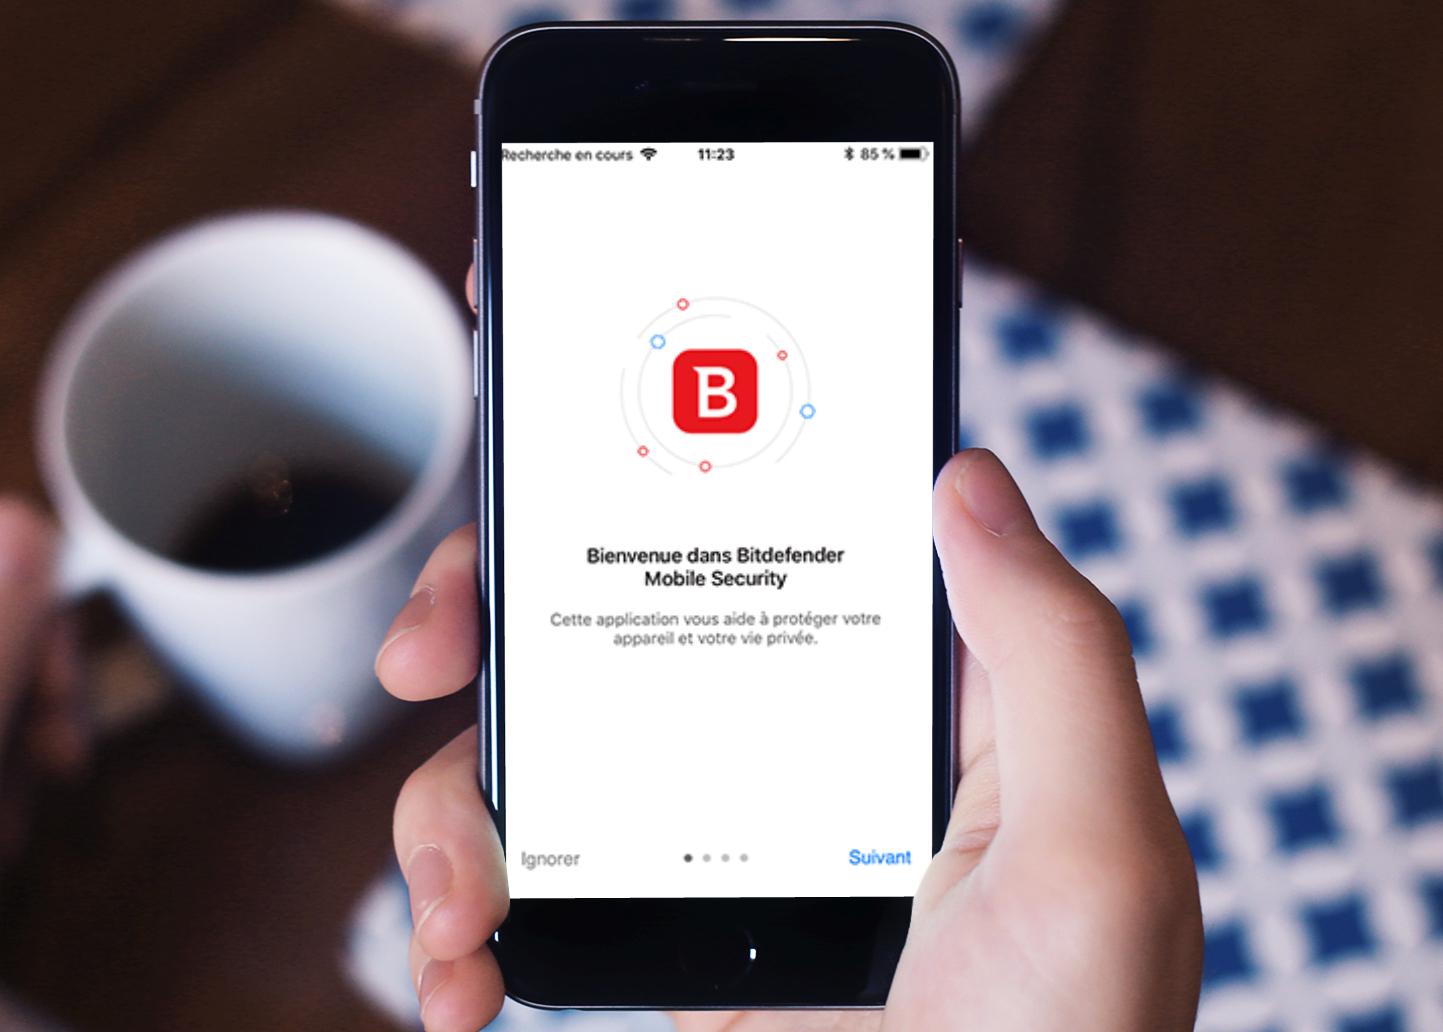 MàJ gagnants - Découvrez l'app Bitdefender et tentez de gagner l'un des lots : 5 x un an de VPN iPhone/iPad 1